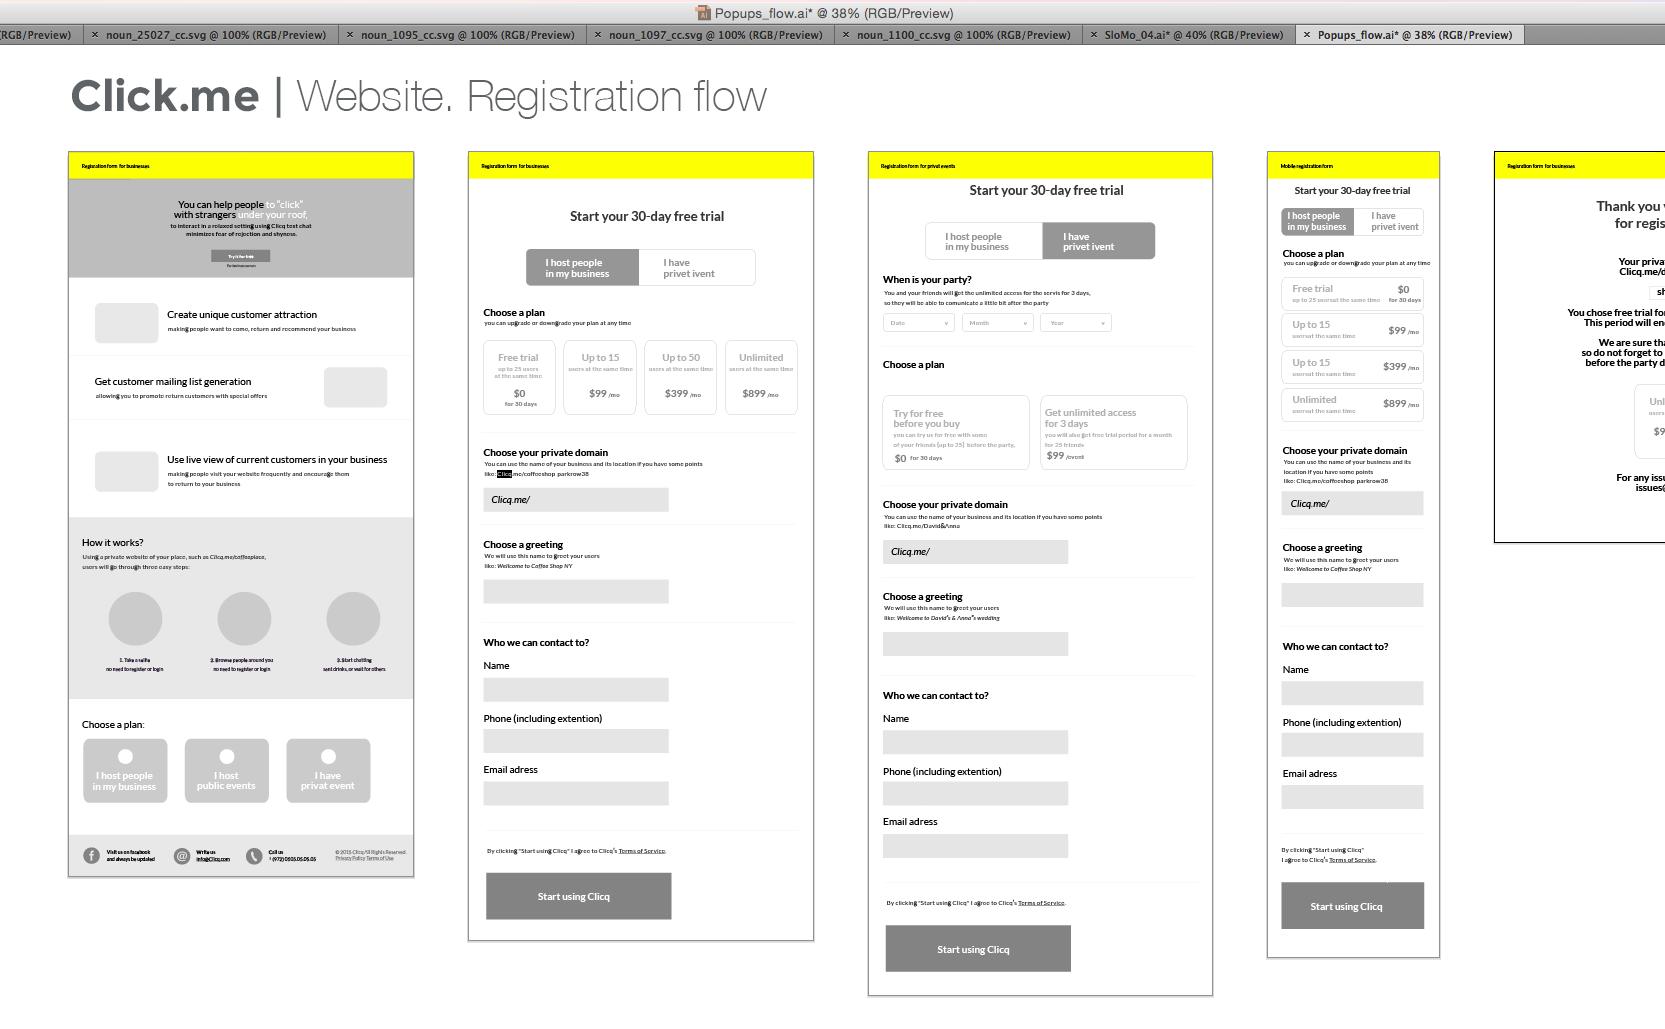 Web site, registration flow. Work in progress.